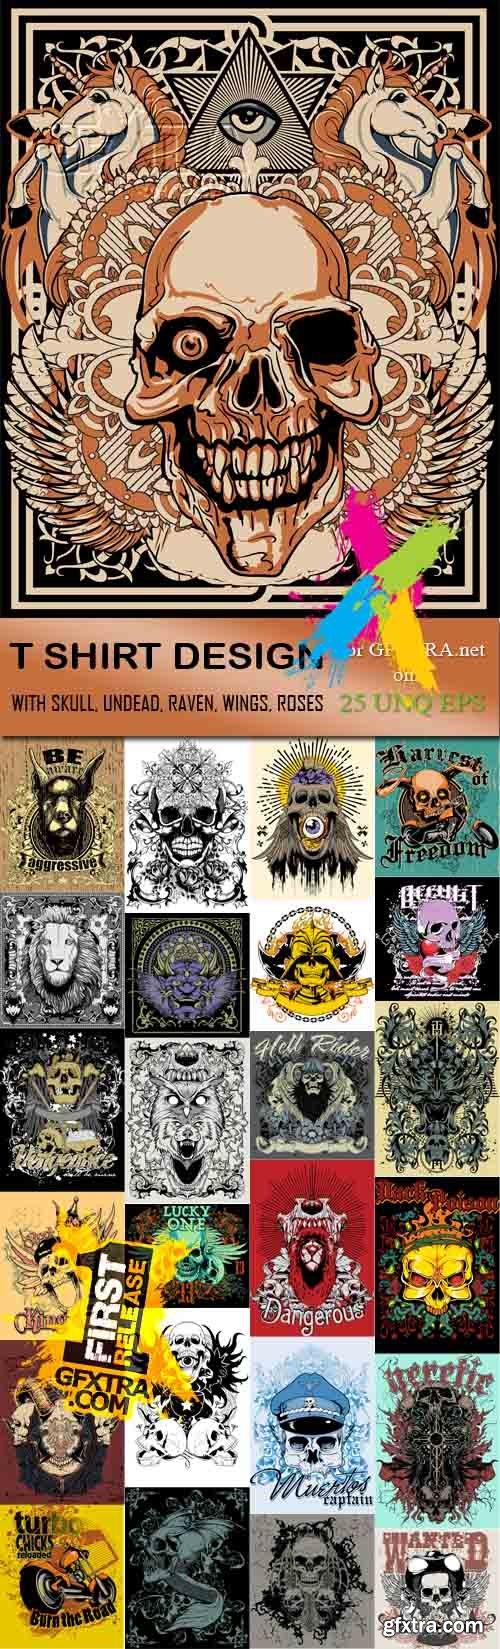 T shirt design 7 25xeps - T Shirt Design 10 25 X Eps T Shirt Design 25xeps